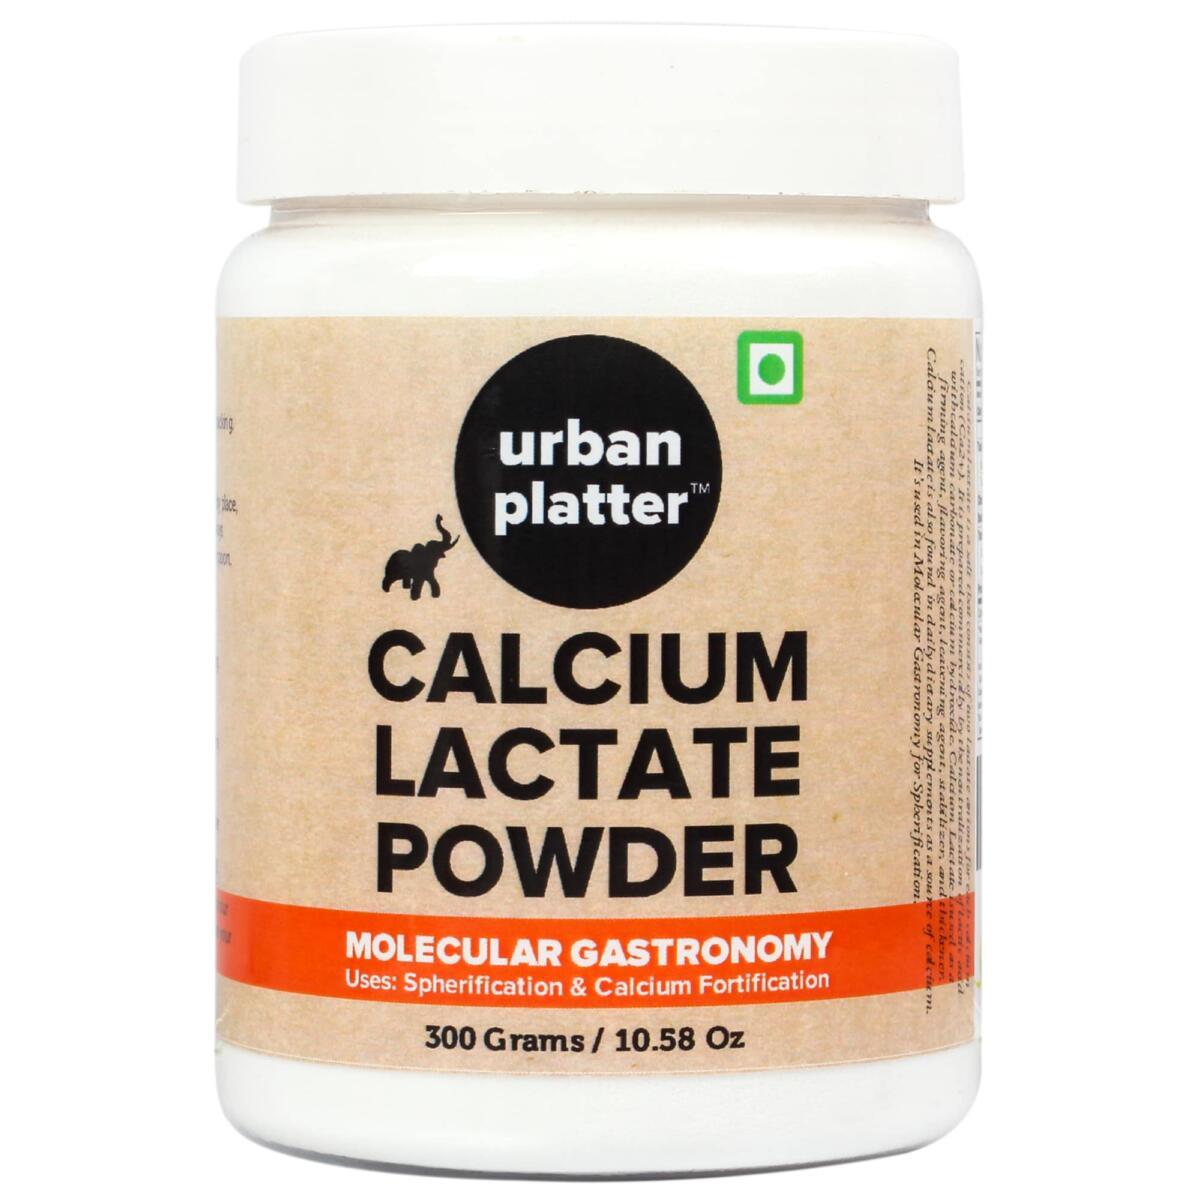 Urban Platter Calcium Lactate Powder, 300g